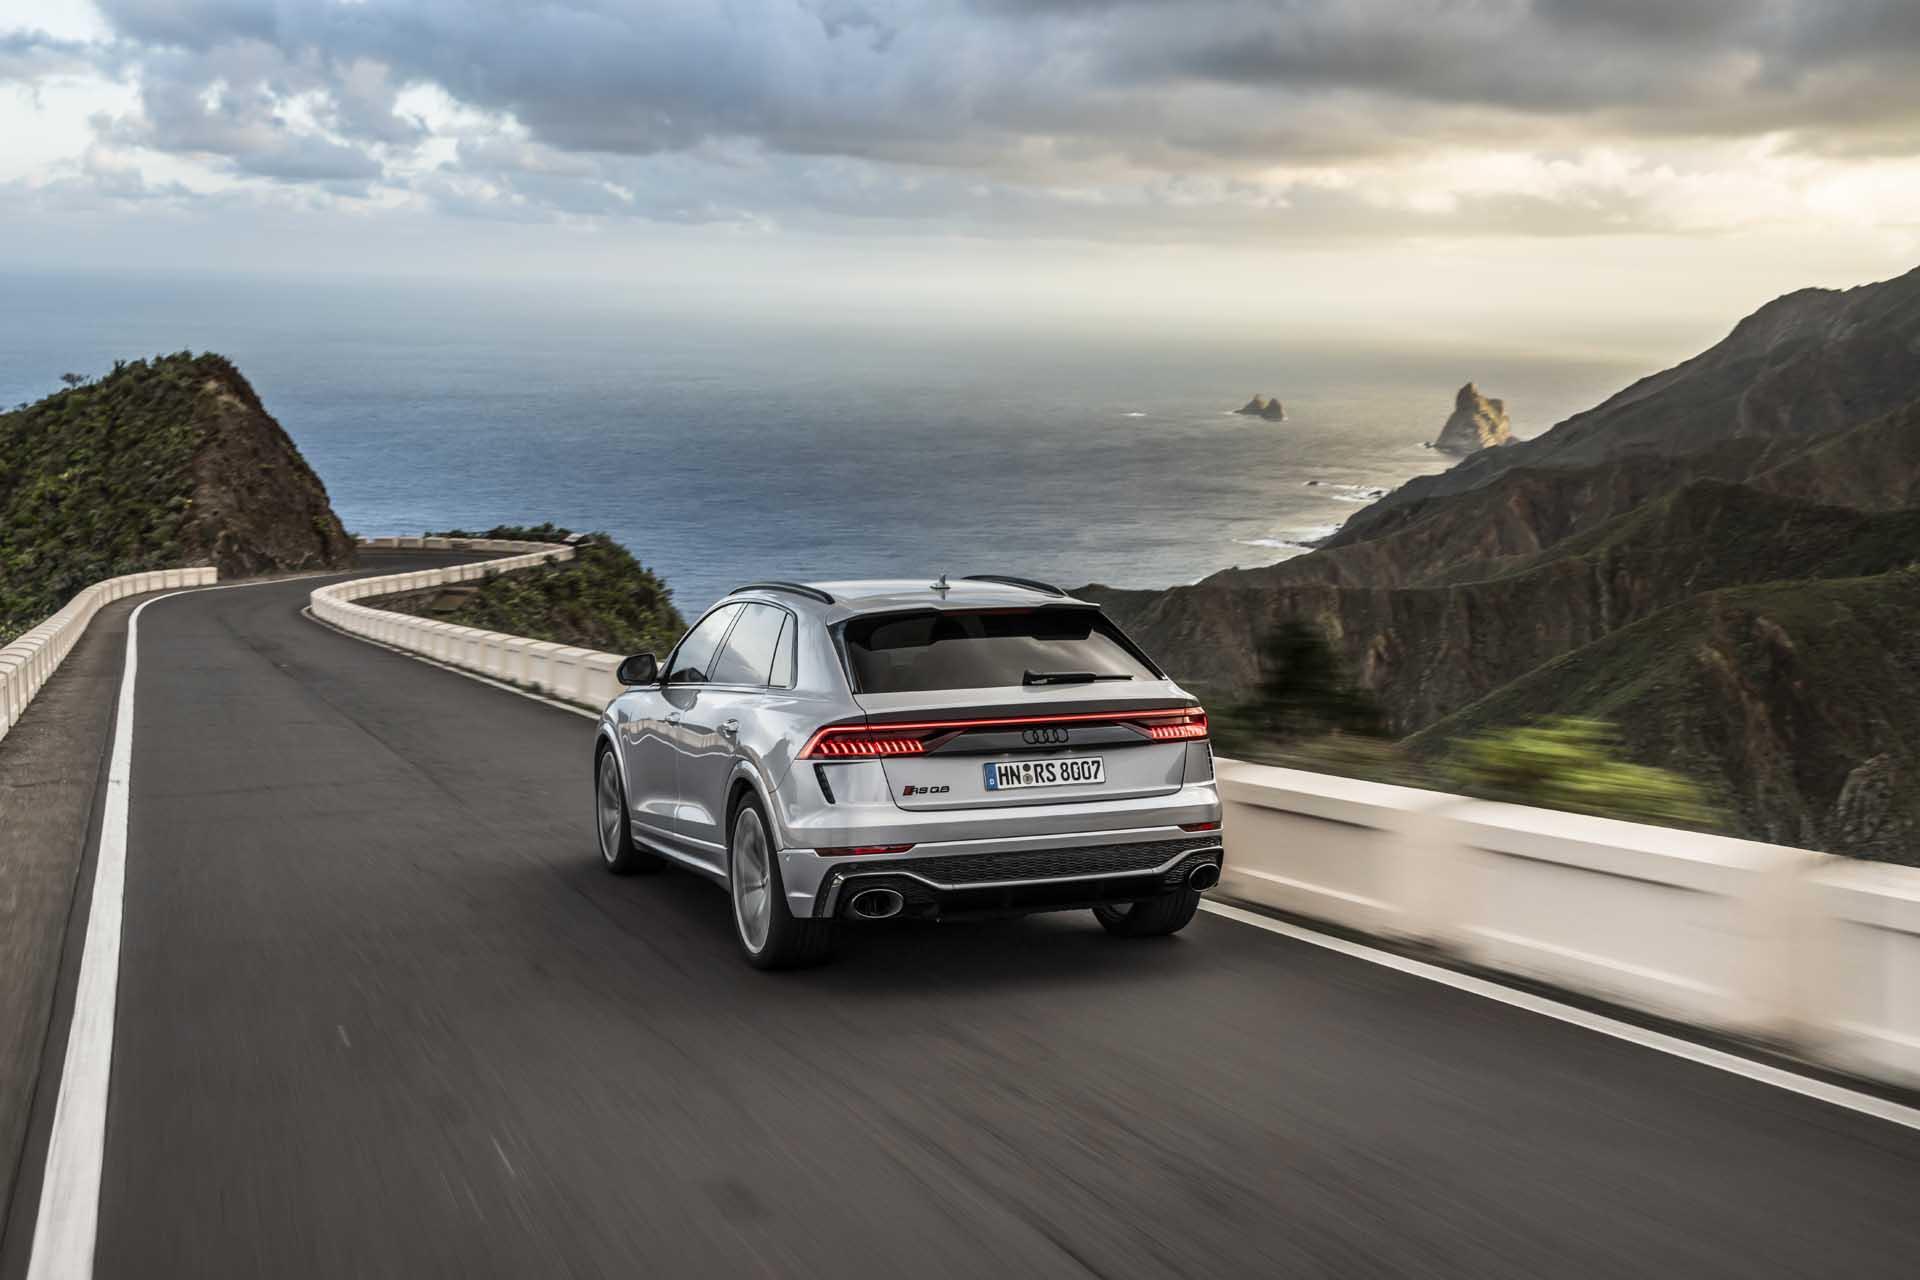 2020 audi rs q8  2020 genesis g90  motor authority u0026 39 s best car to buy 2020  the week in reverse